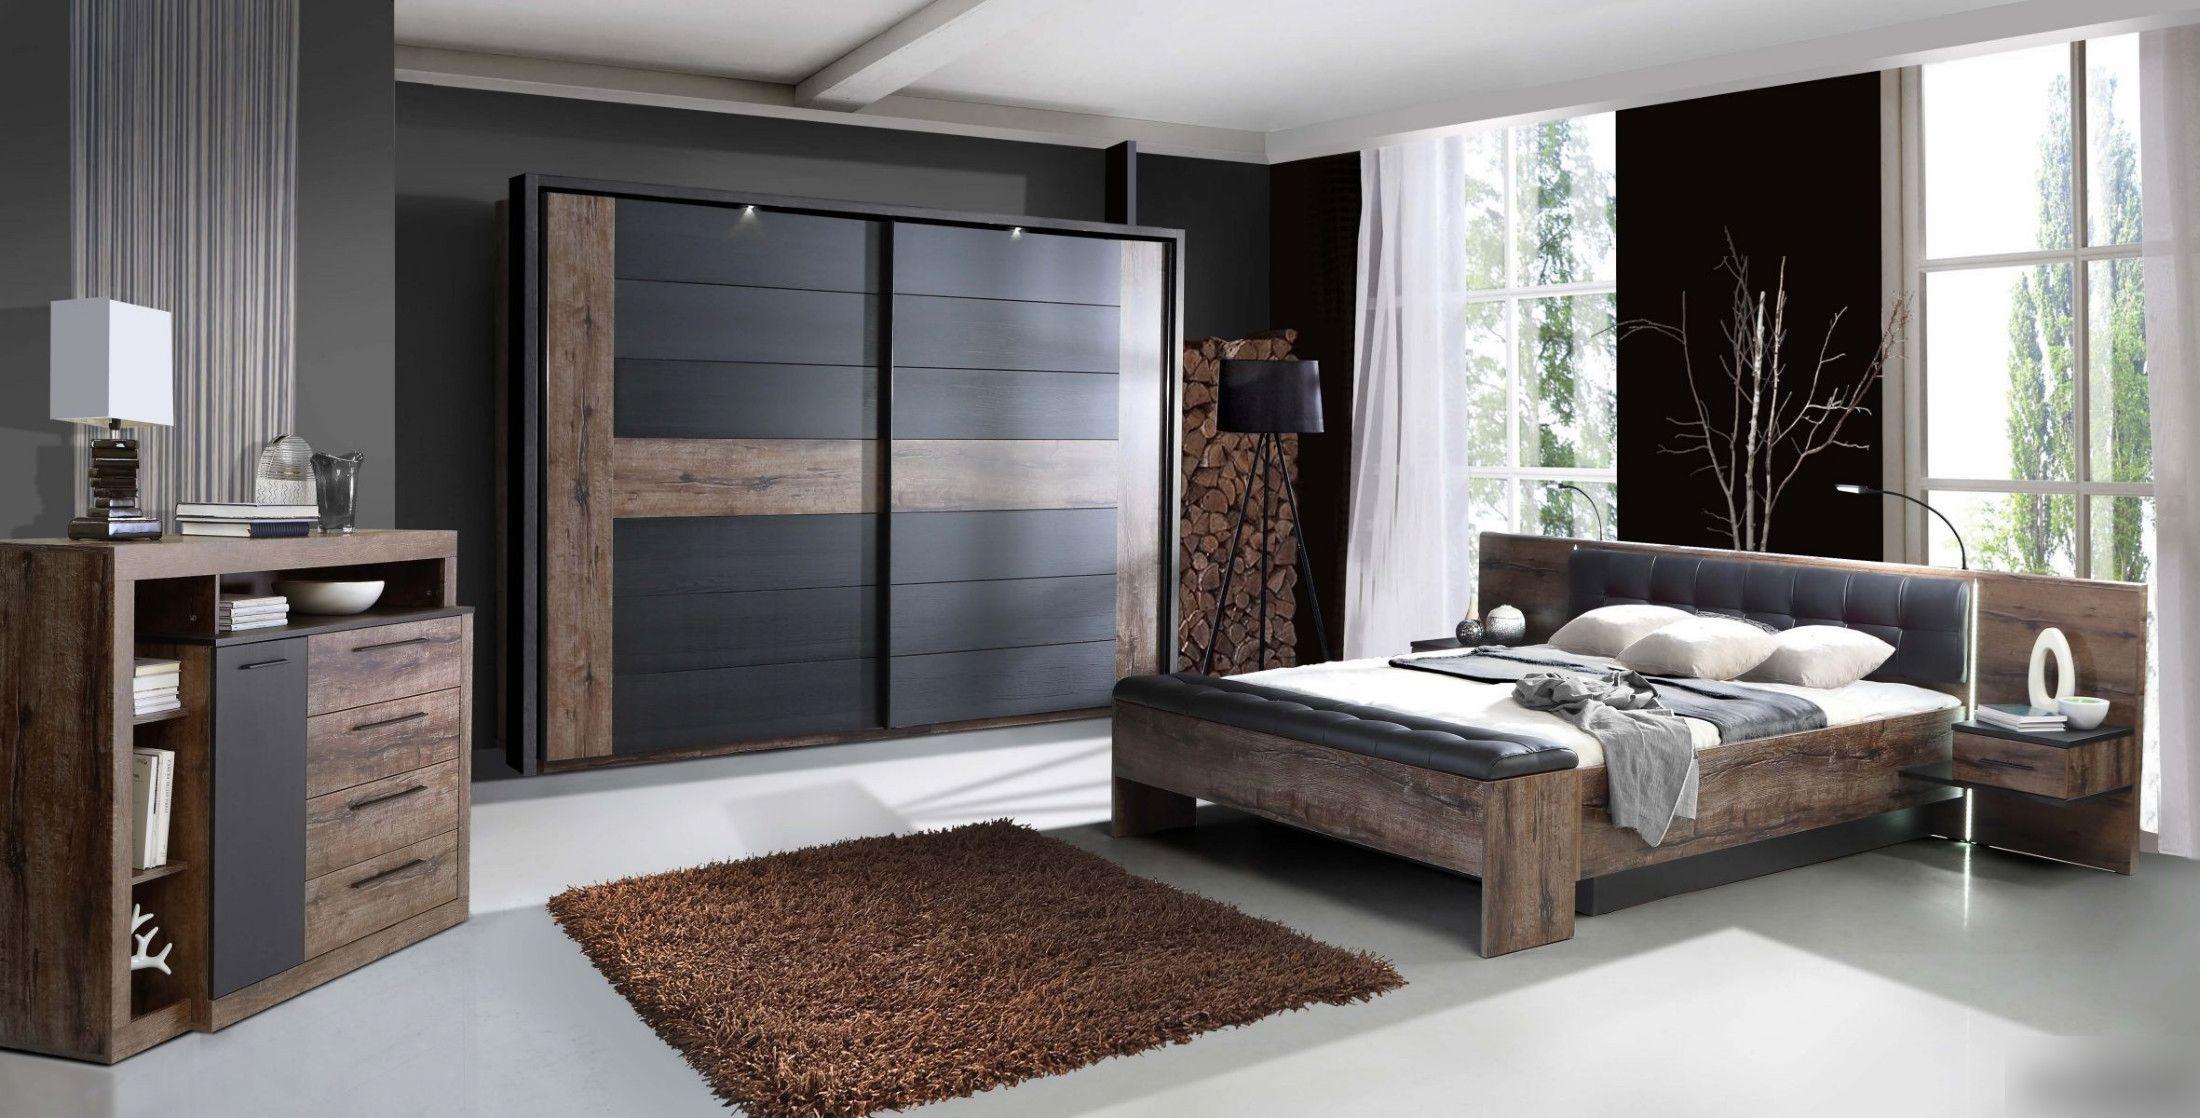 GroBartig Schlafzimmer Set Mit Bett 180 X 200 Cm Schwarzeiche Woody 77 00735 Holz  Modern